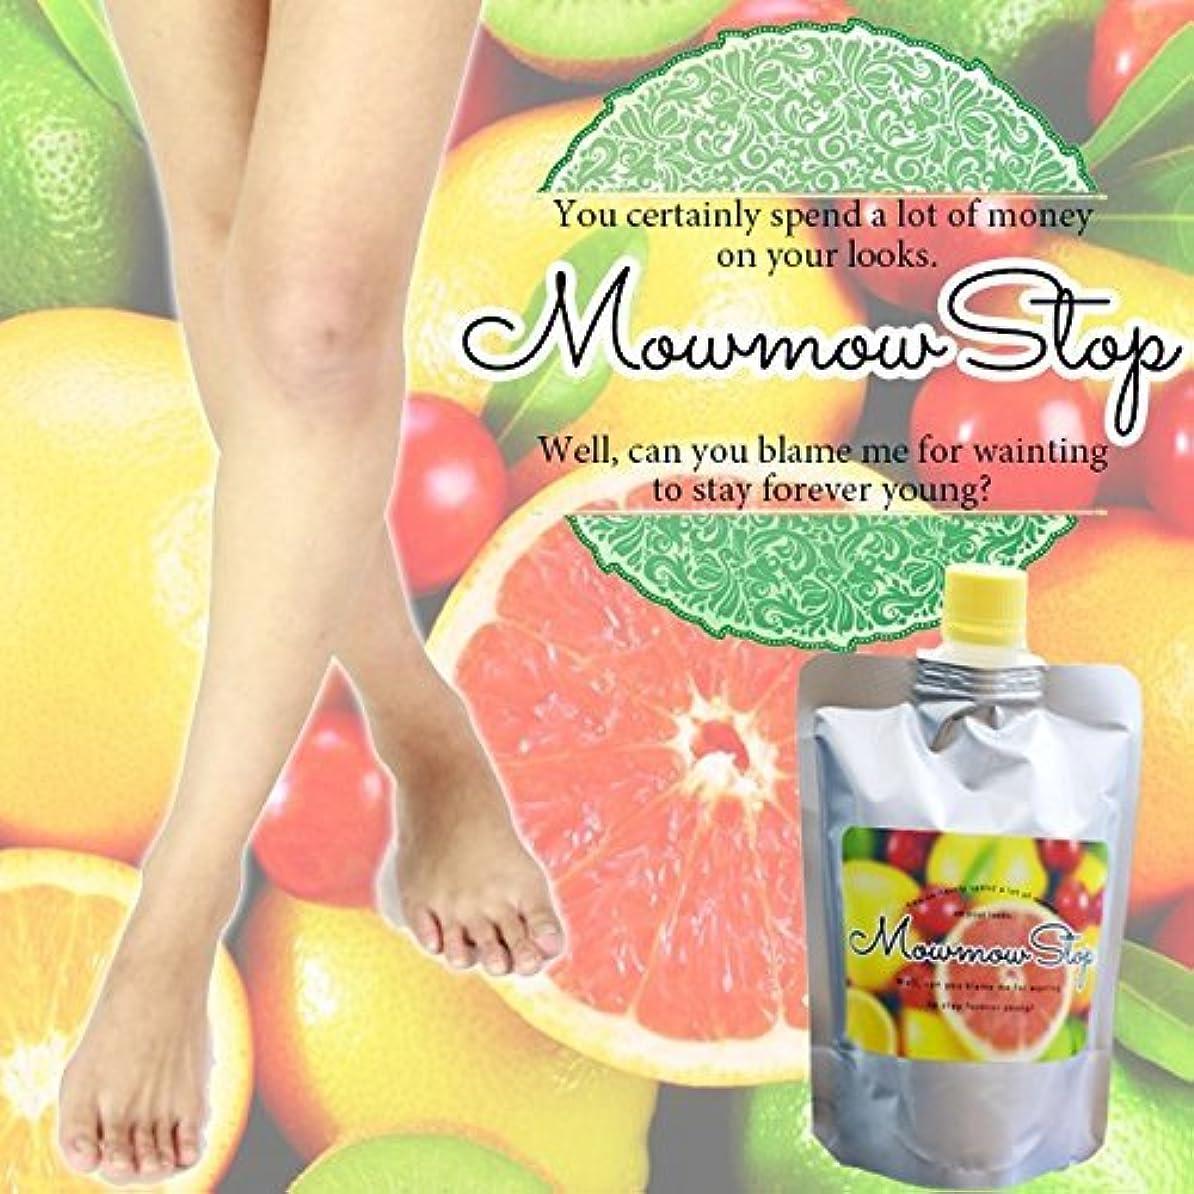 注意体系的にアストロラーベMow mow Stop /モウモウストップ(医薬部外品)